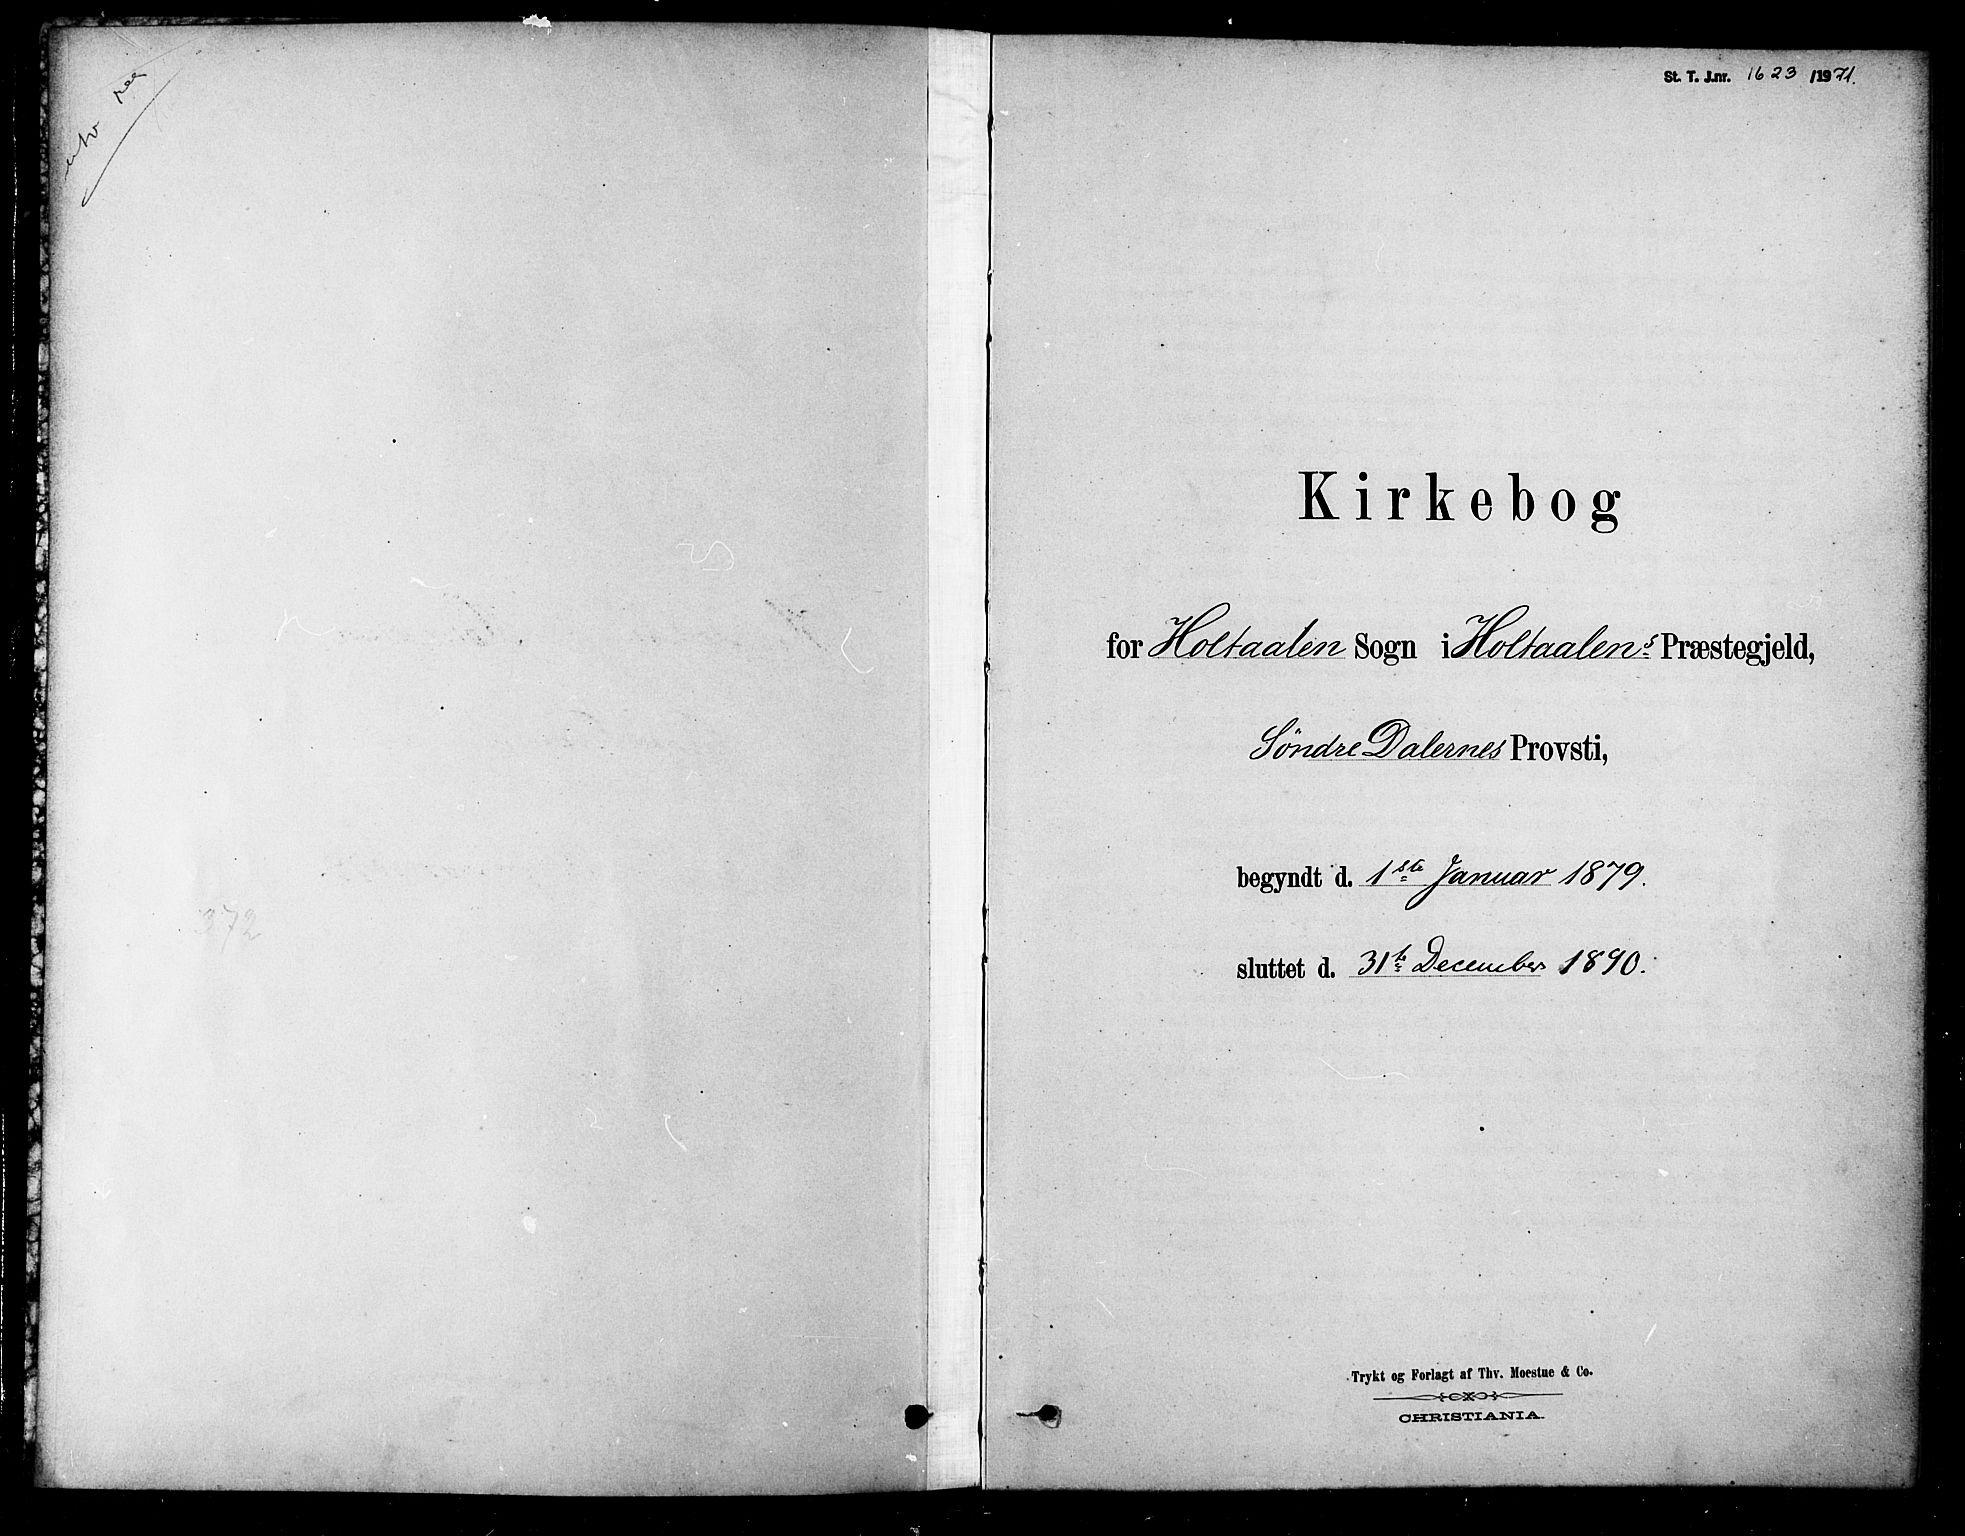 SAT, Ministerialprotokoller, klokkerbøker og fødselsregistre - Sør-Trøndelag, 685/L0972: Ministerialbok nr. 685A09, 1879-1890